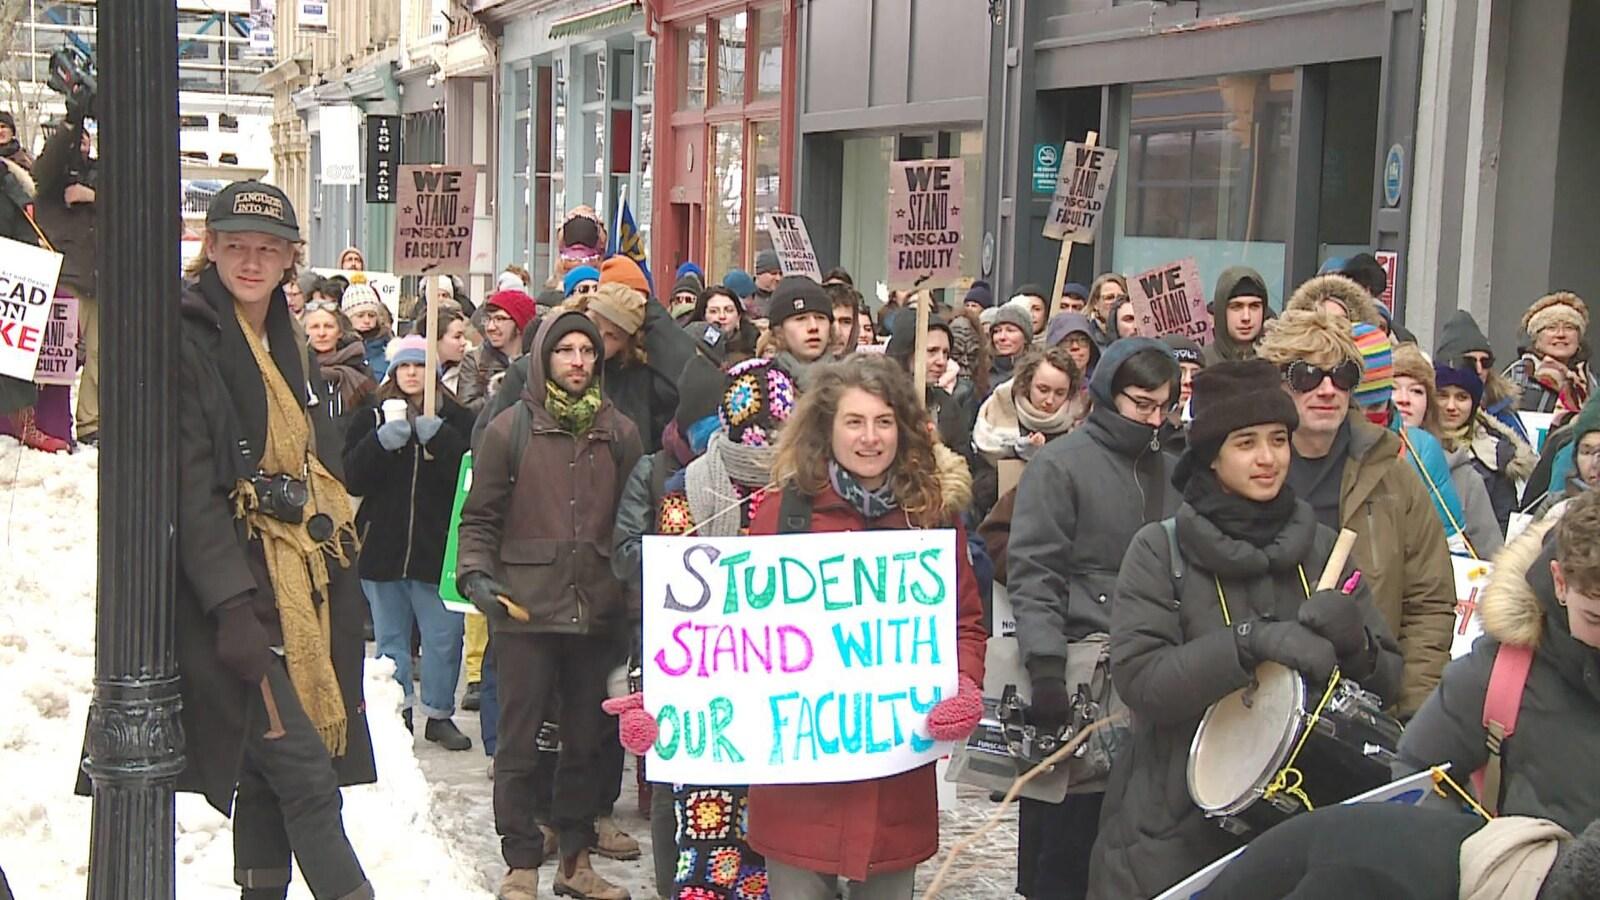 Manifestation en soutien aux grévistes de NSCAD le 8 mars 2019 à Halifax.